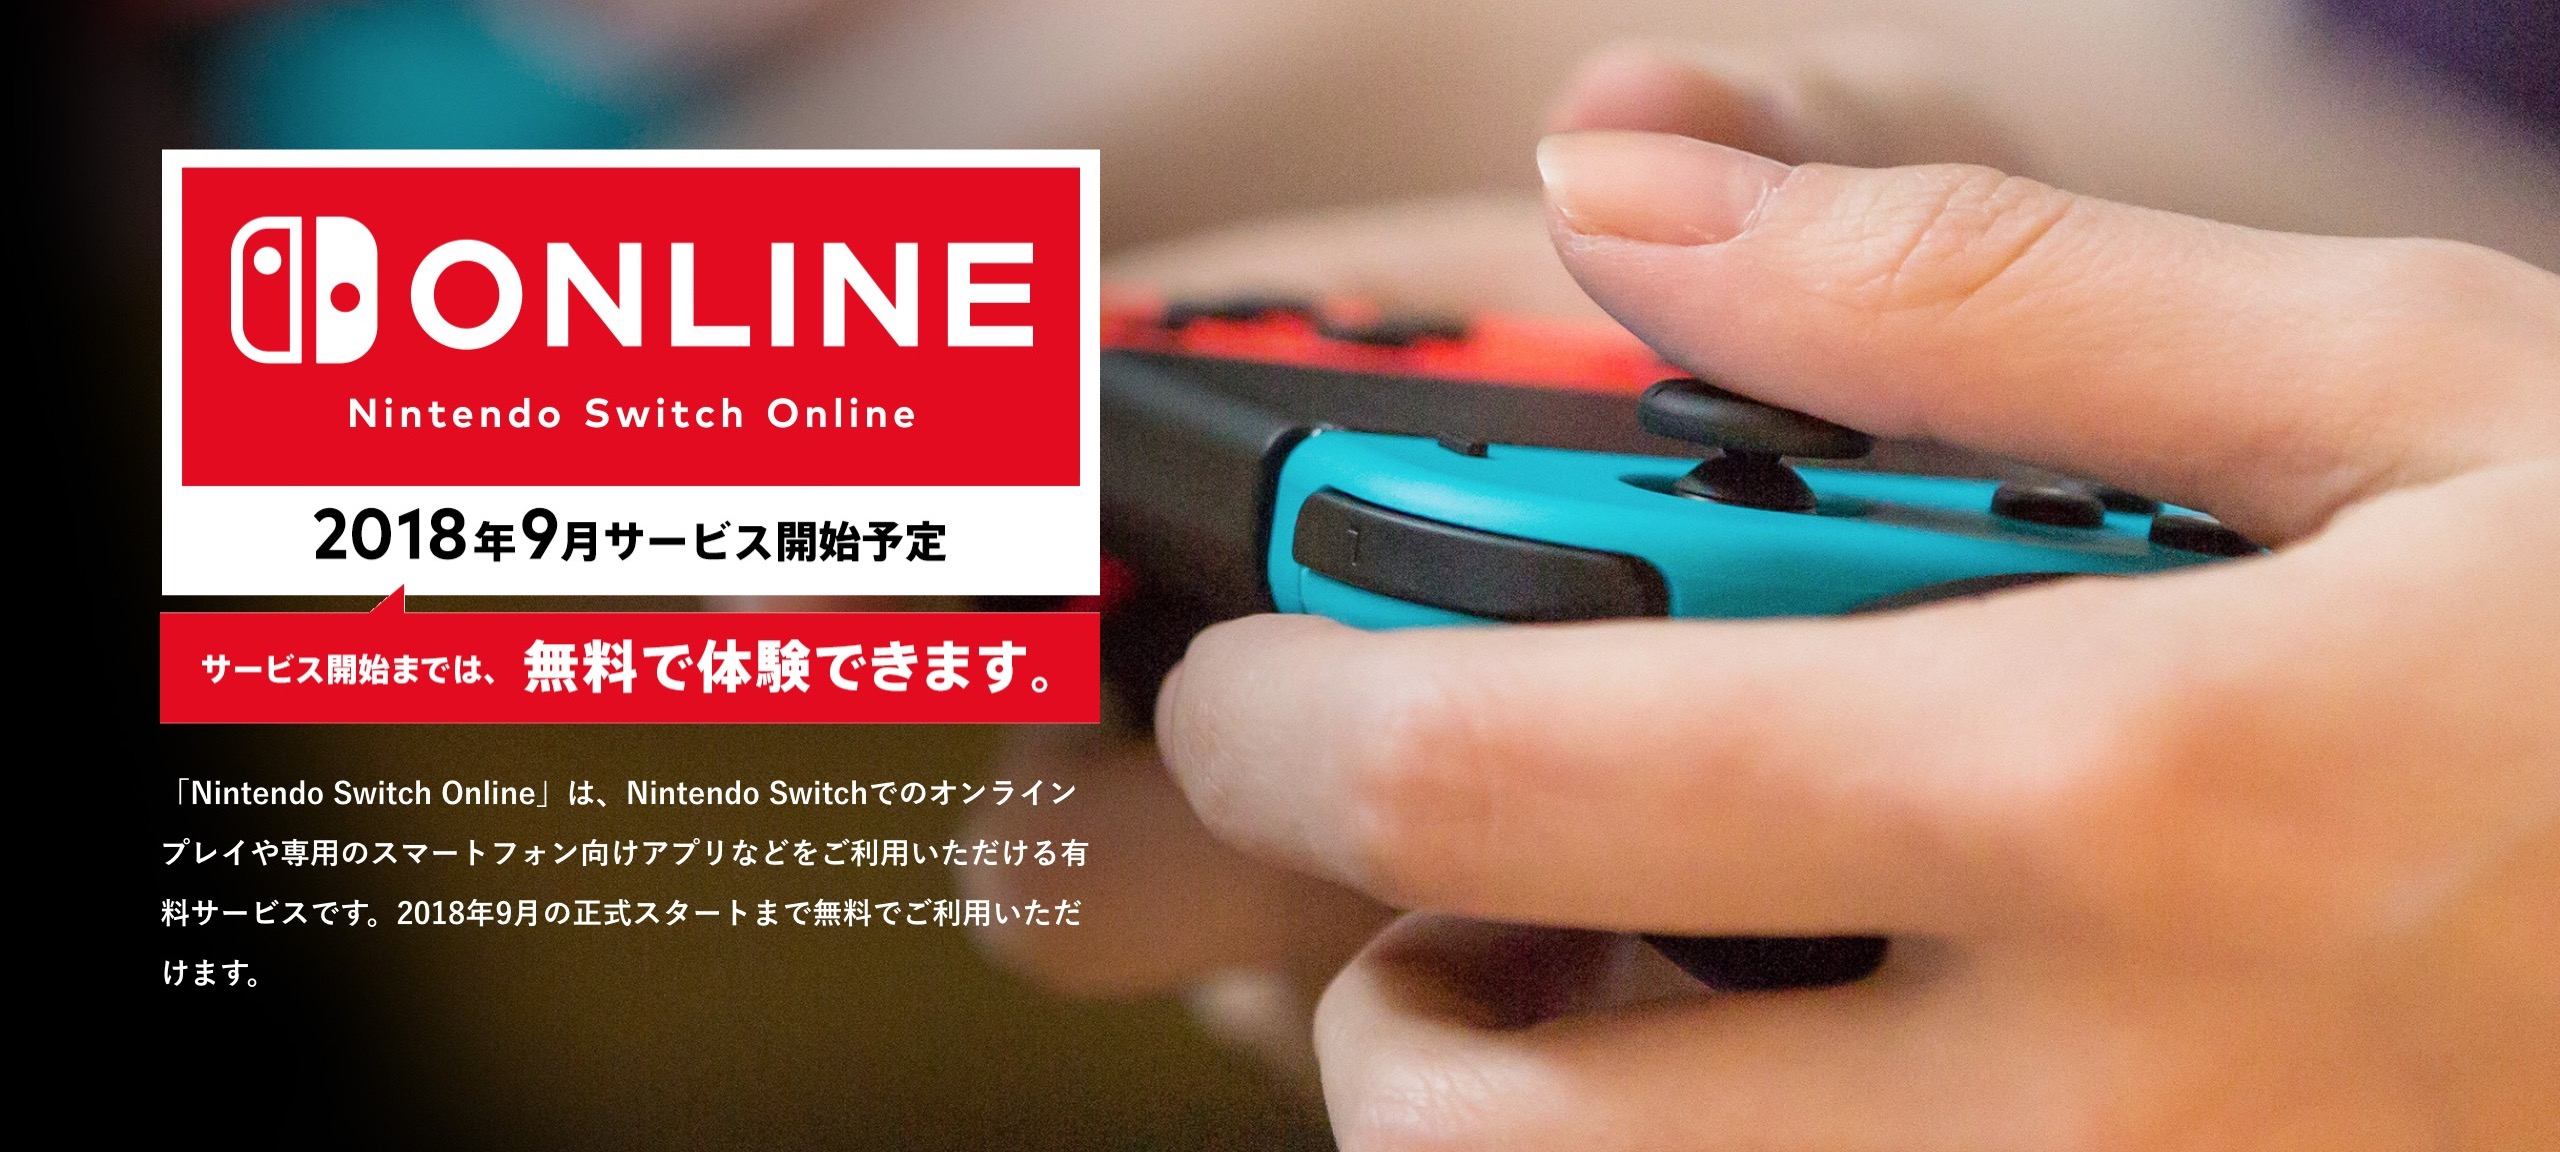 任天堂、オンラインサービス「Nintendo Switch Online」を9月に正式スタート